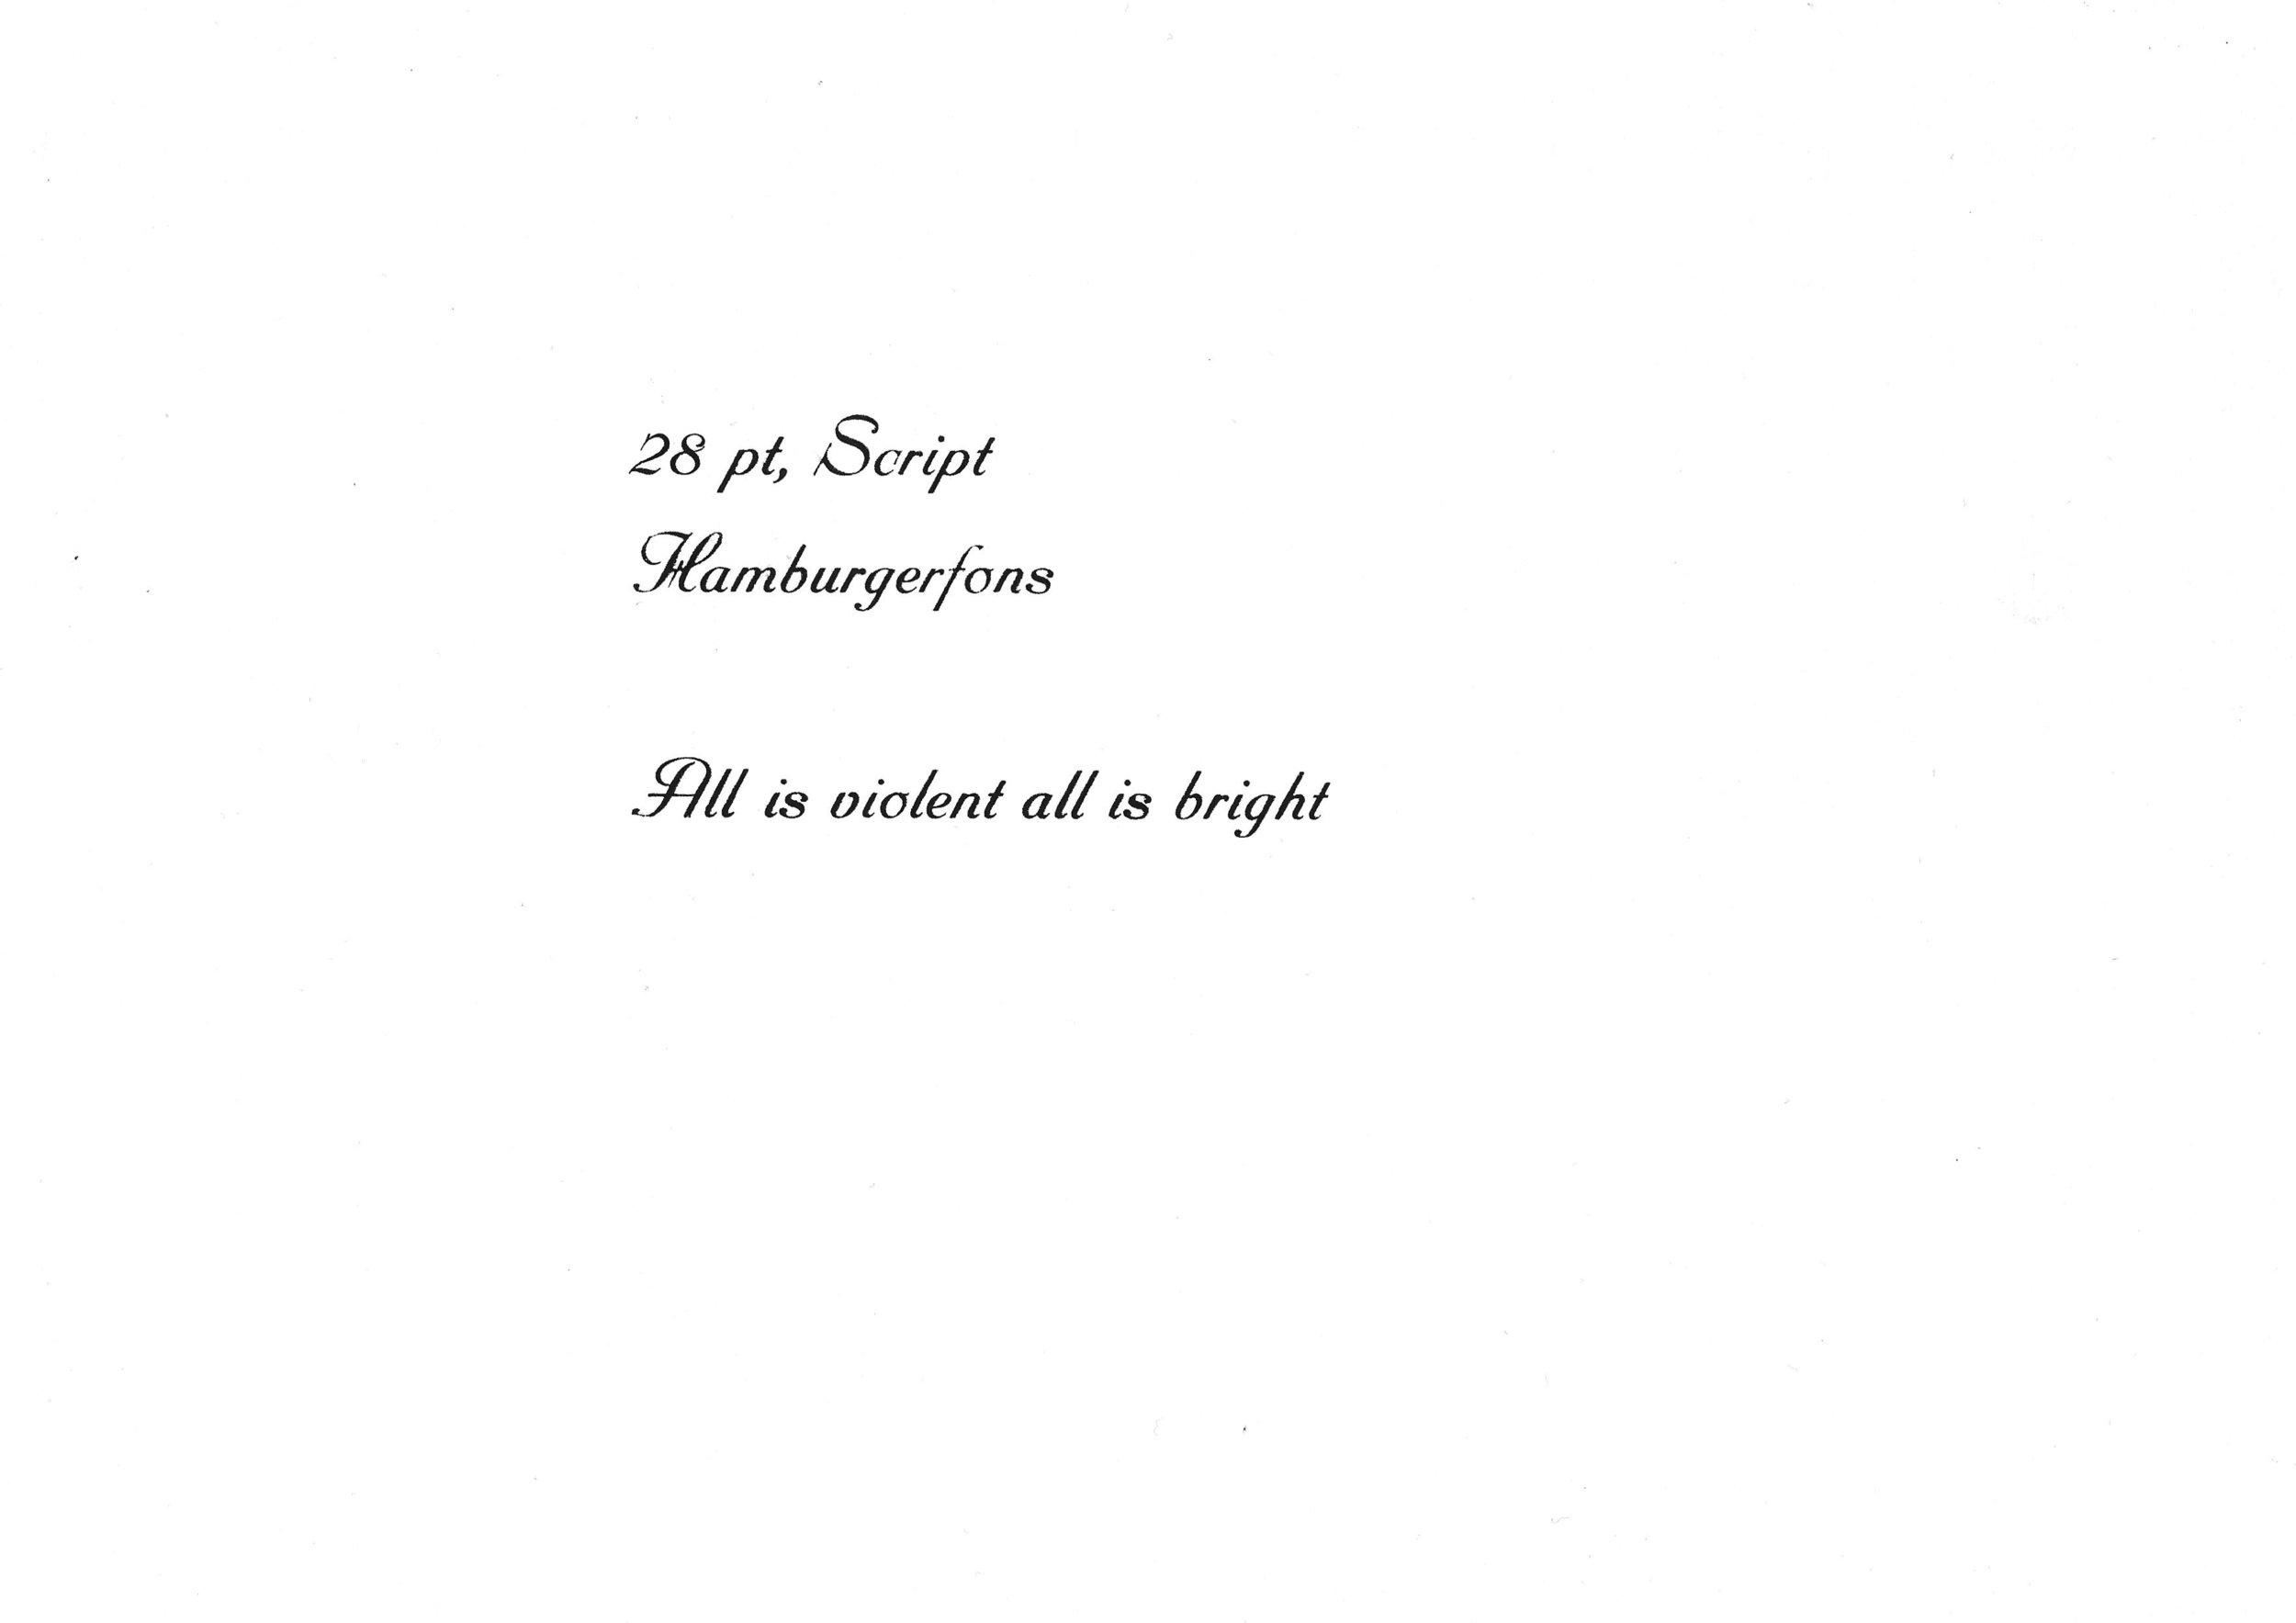 24pt. Script